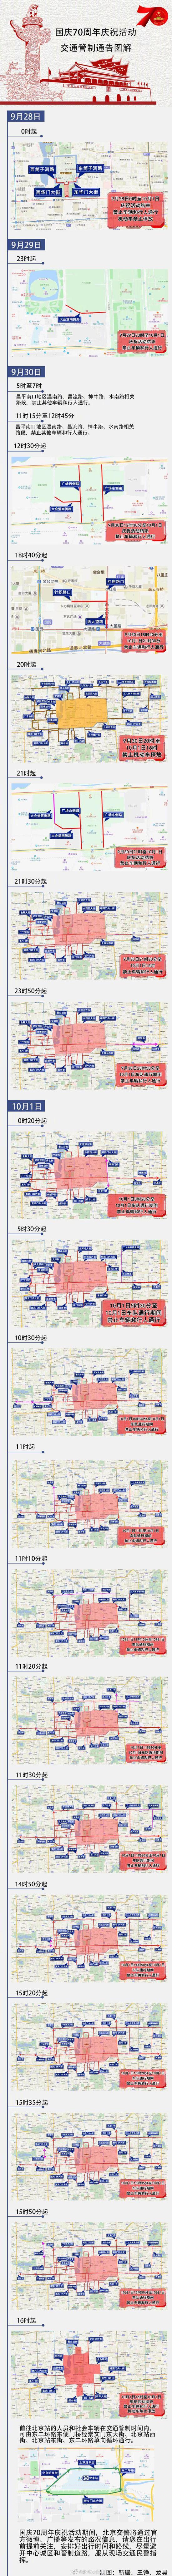 专家:过去70年间 上海至少有三次大的发展契机